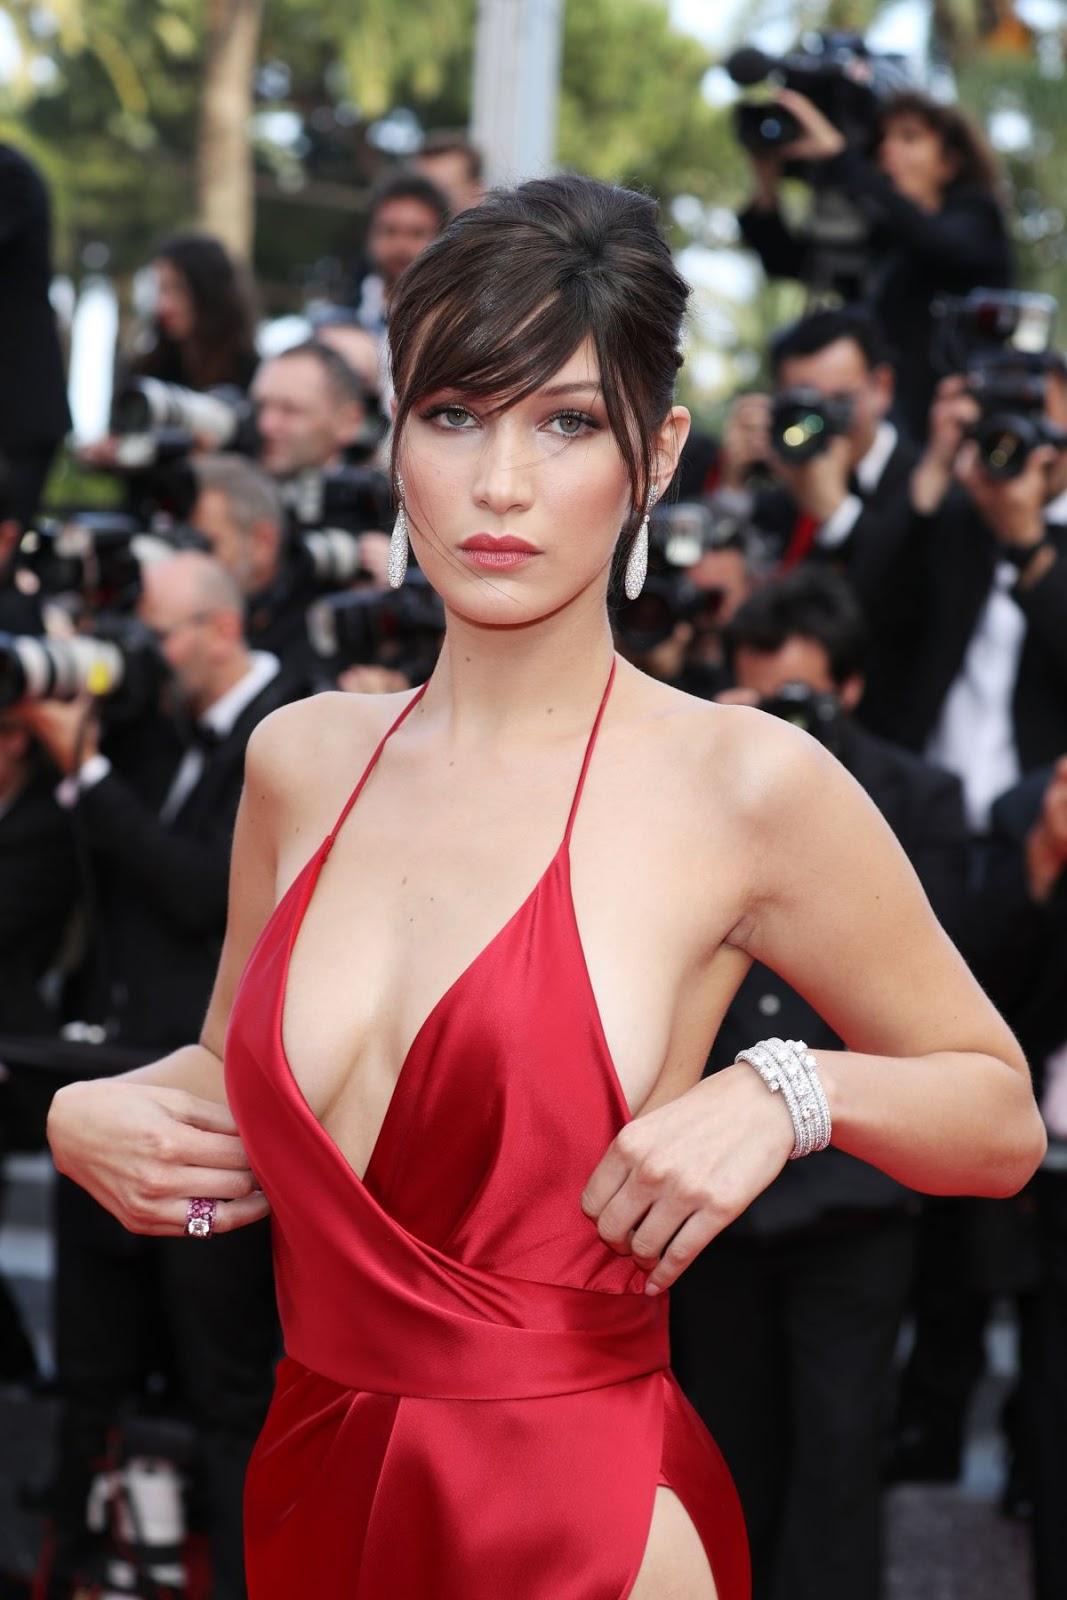 Foto Seksi Hot Model Bella Hadid di Red Carpet Cannes